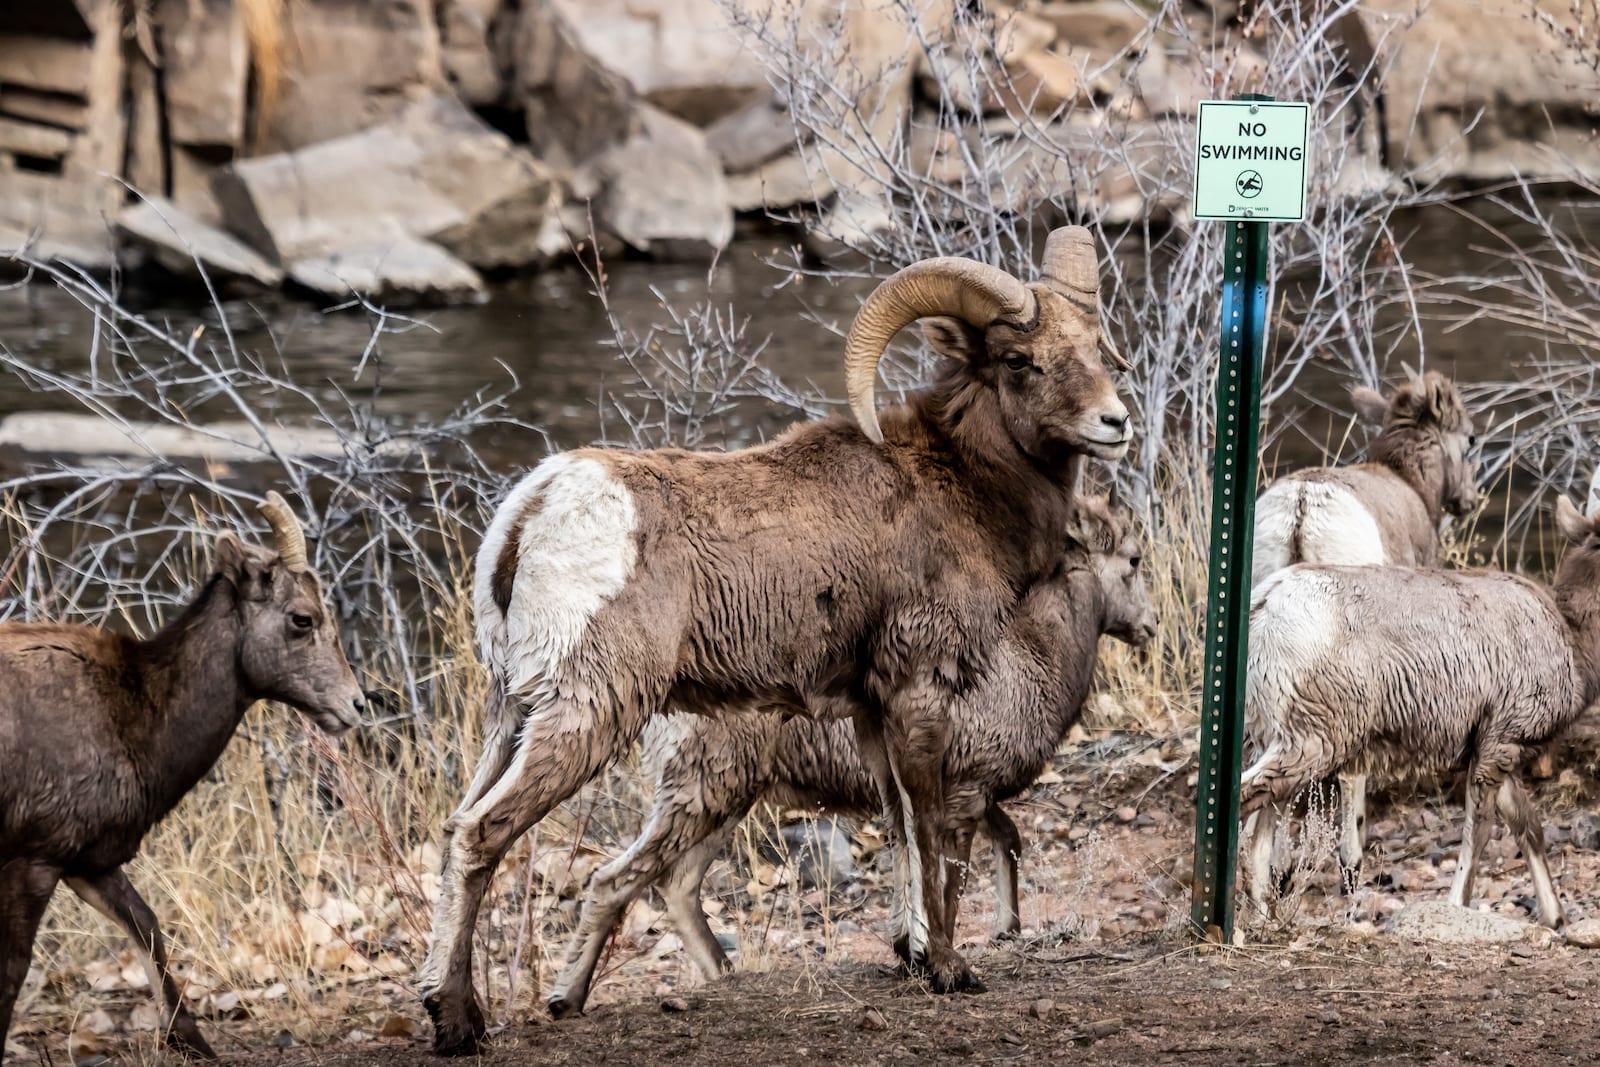 Bighorn Sheep in Waterton Canyon. Denver, Colorado